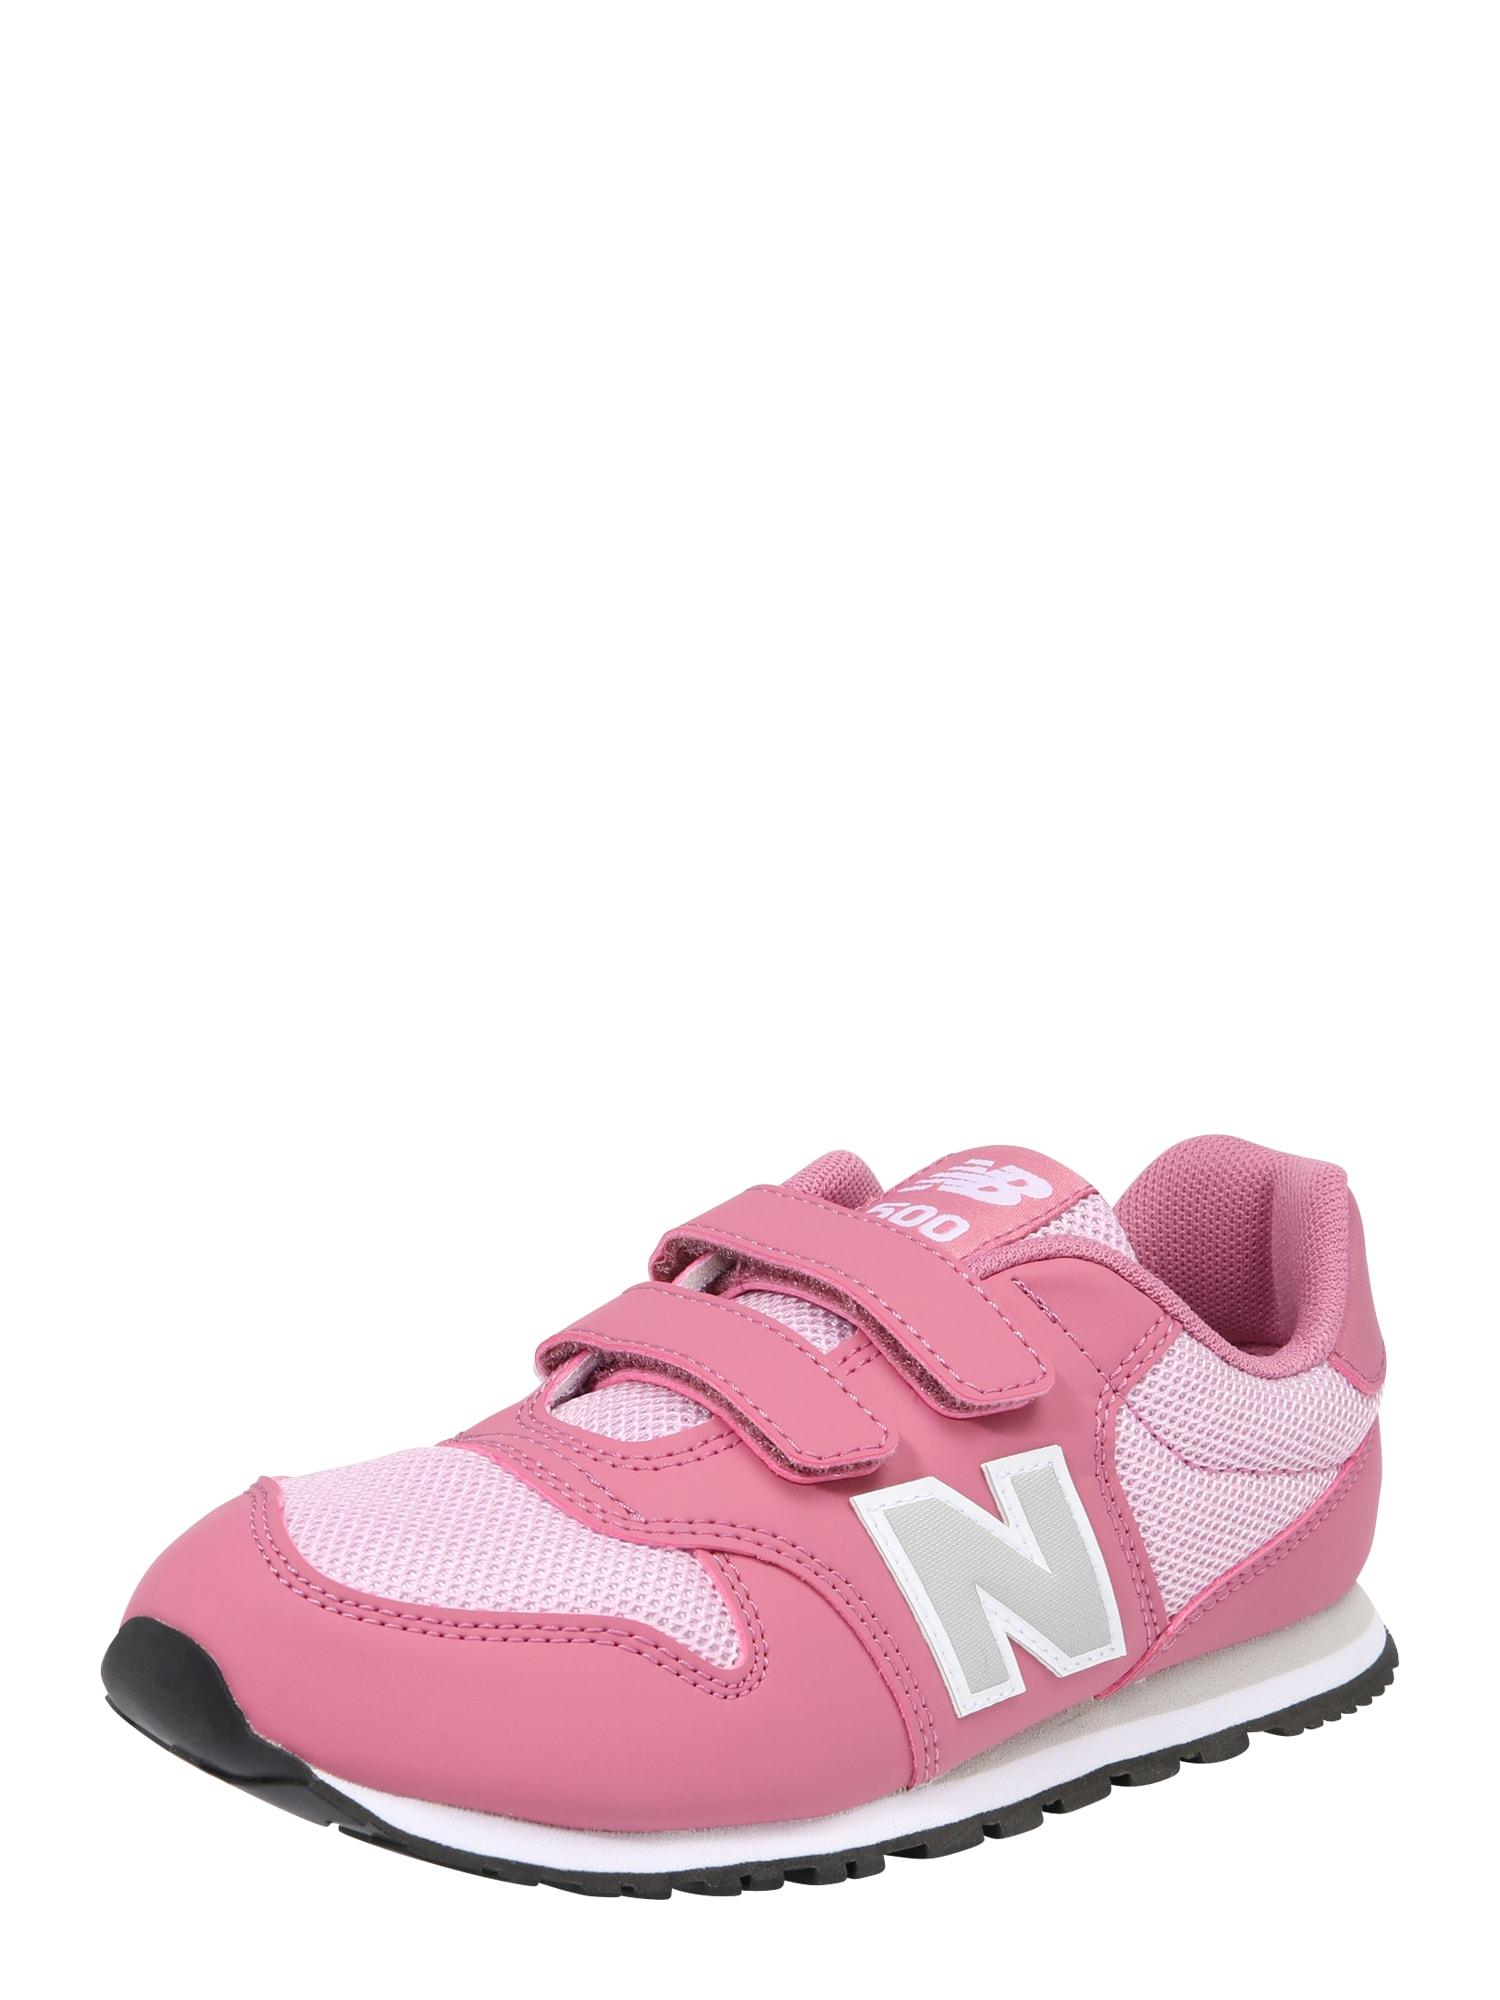 Sportovní boty YV500 M šedá pink růžová New Balance